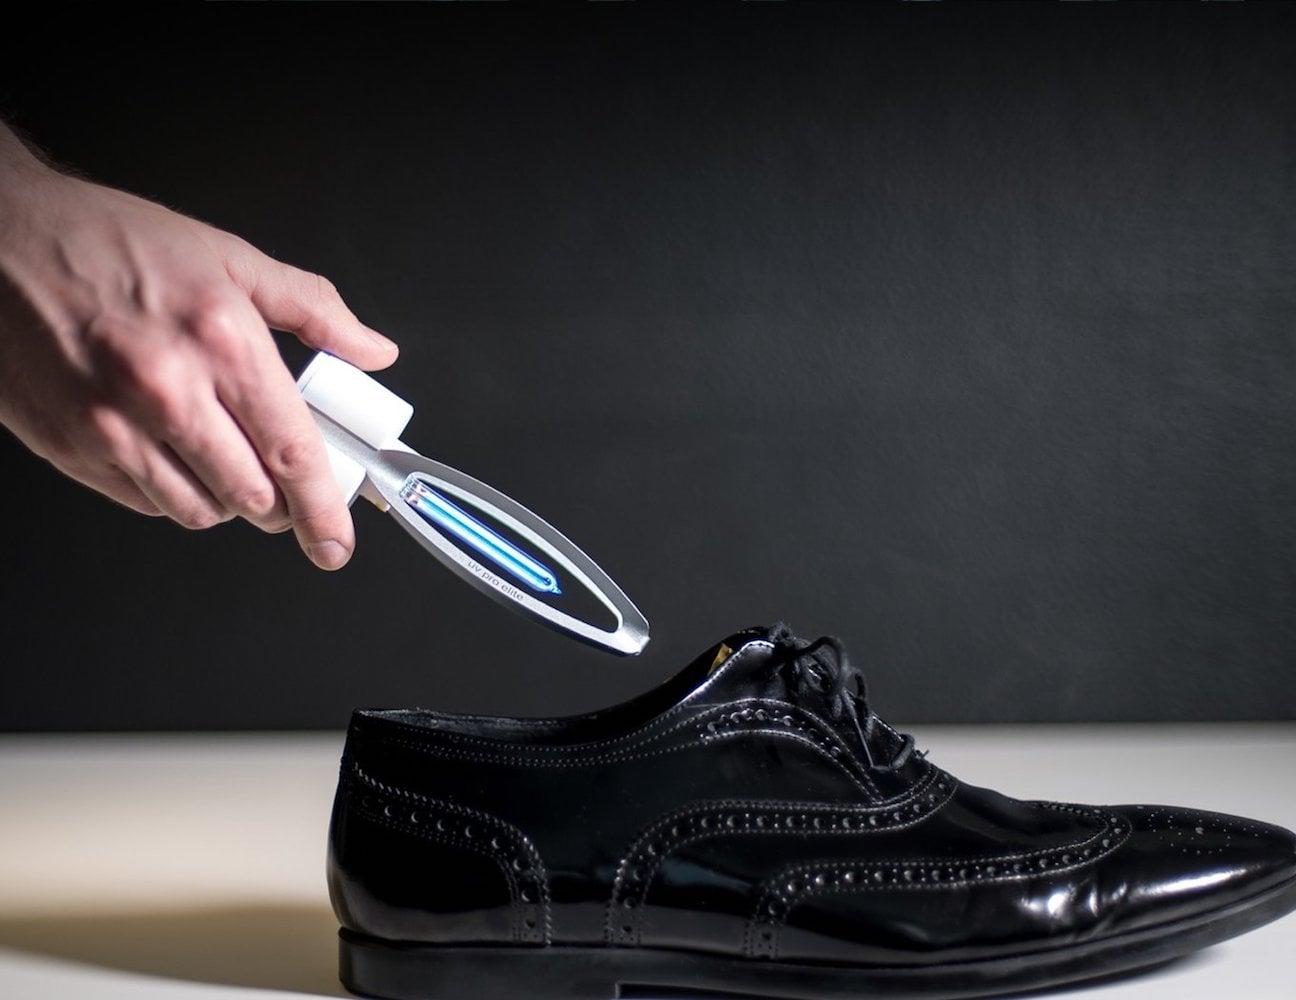 UV Pro Shoe Sanitizer